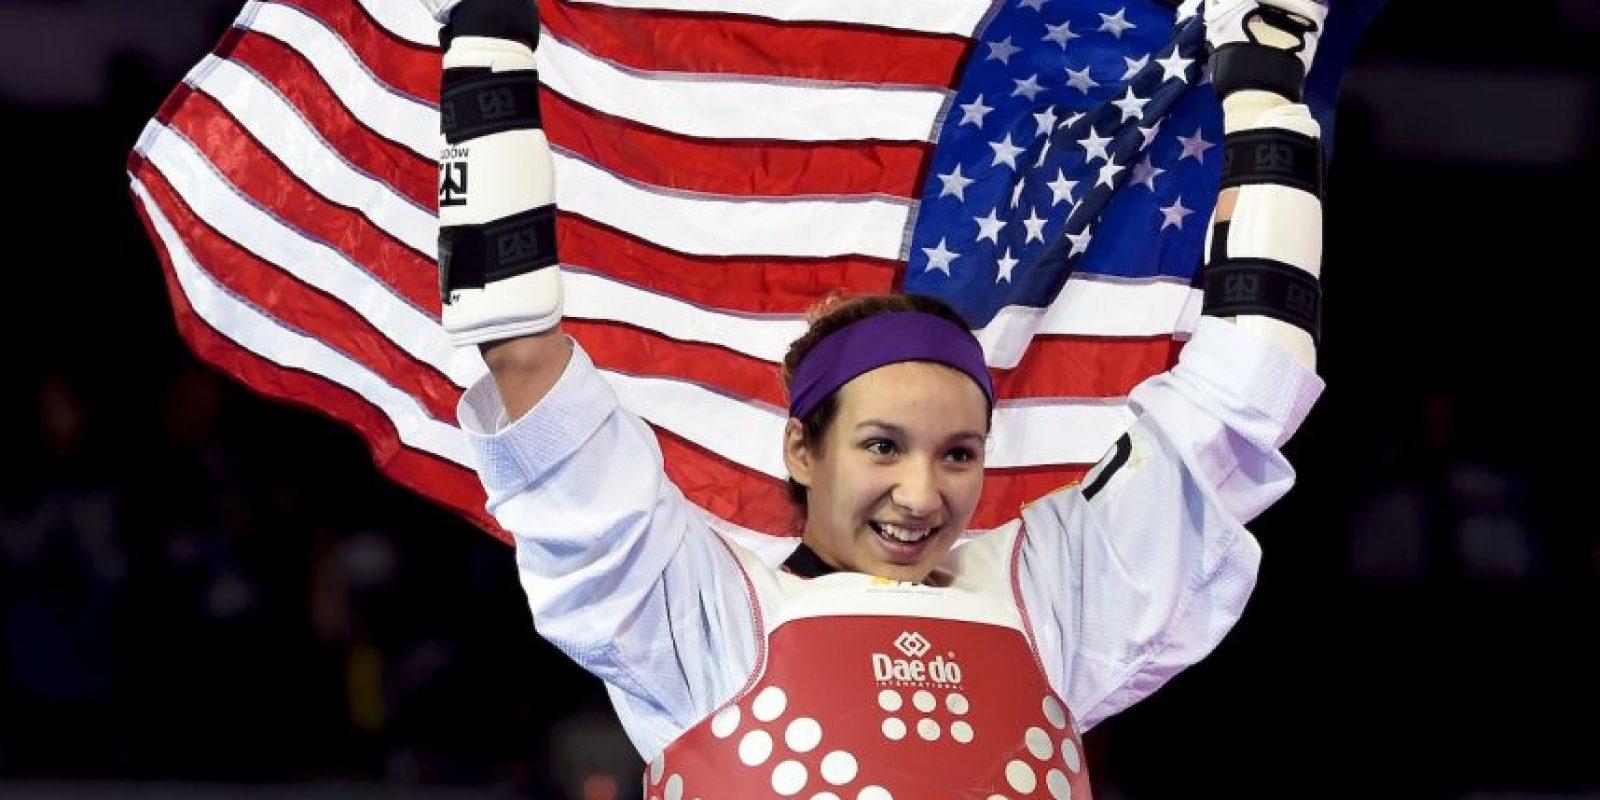 Los atletas del país de las barras y las estrellas sumaron 265 medallas, de las cuales 103 fueron de oro, 81 de plata y 81 de bronce Foto:Getty Images